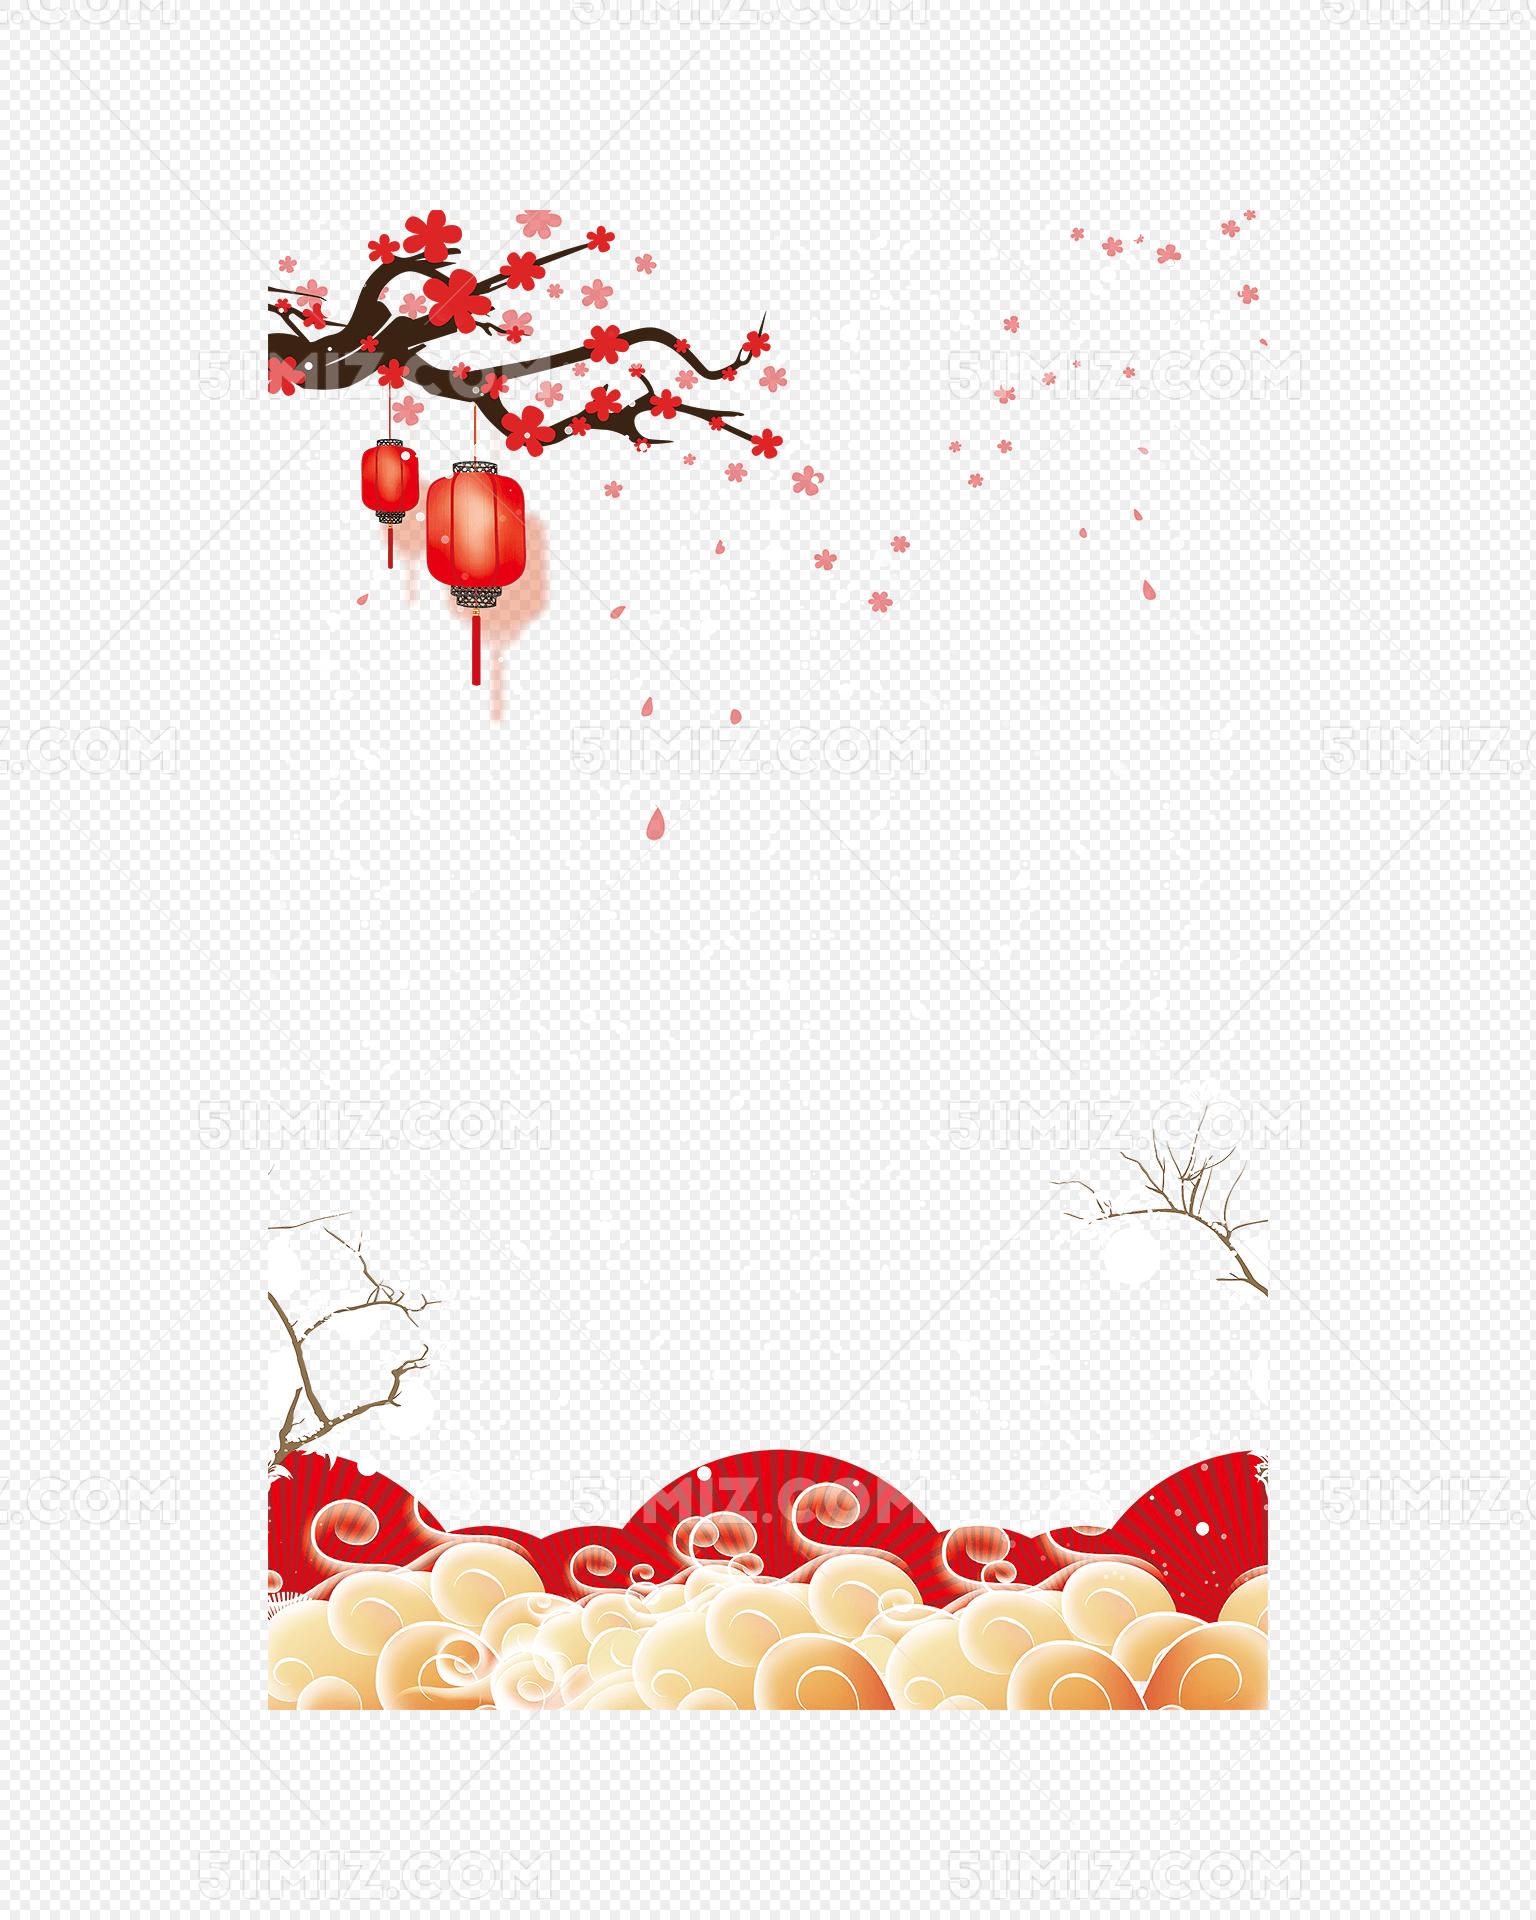 春节灯笼祥云与梅花分层边框